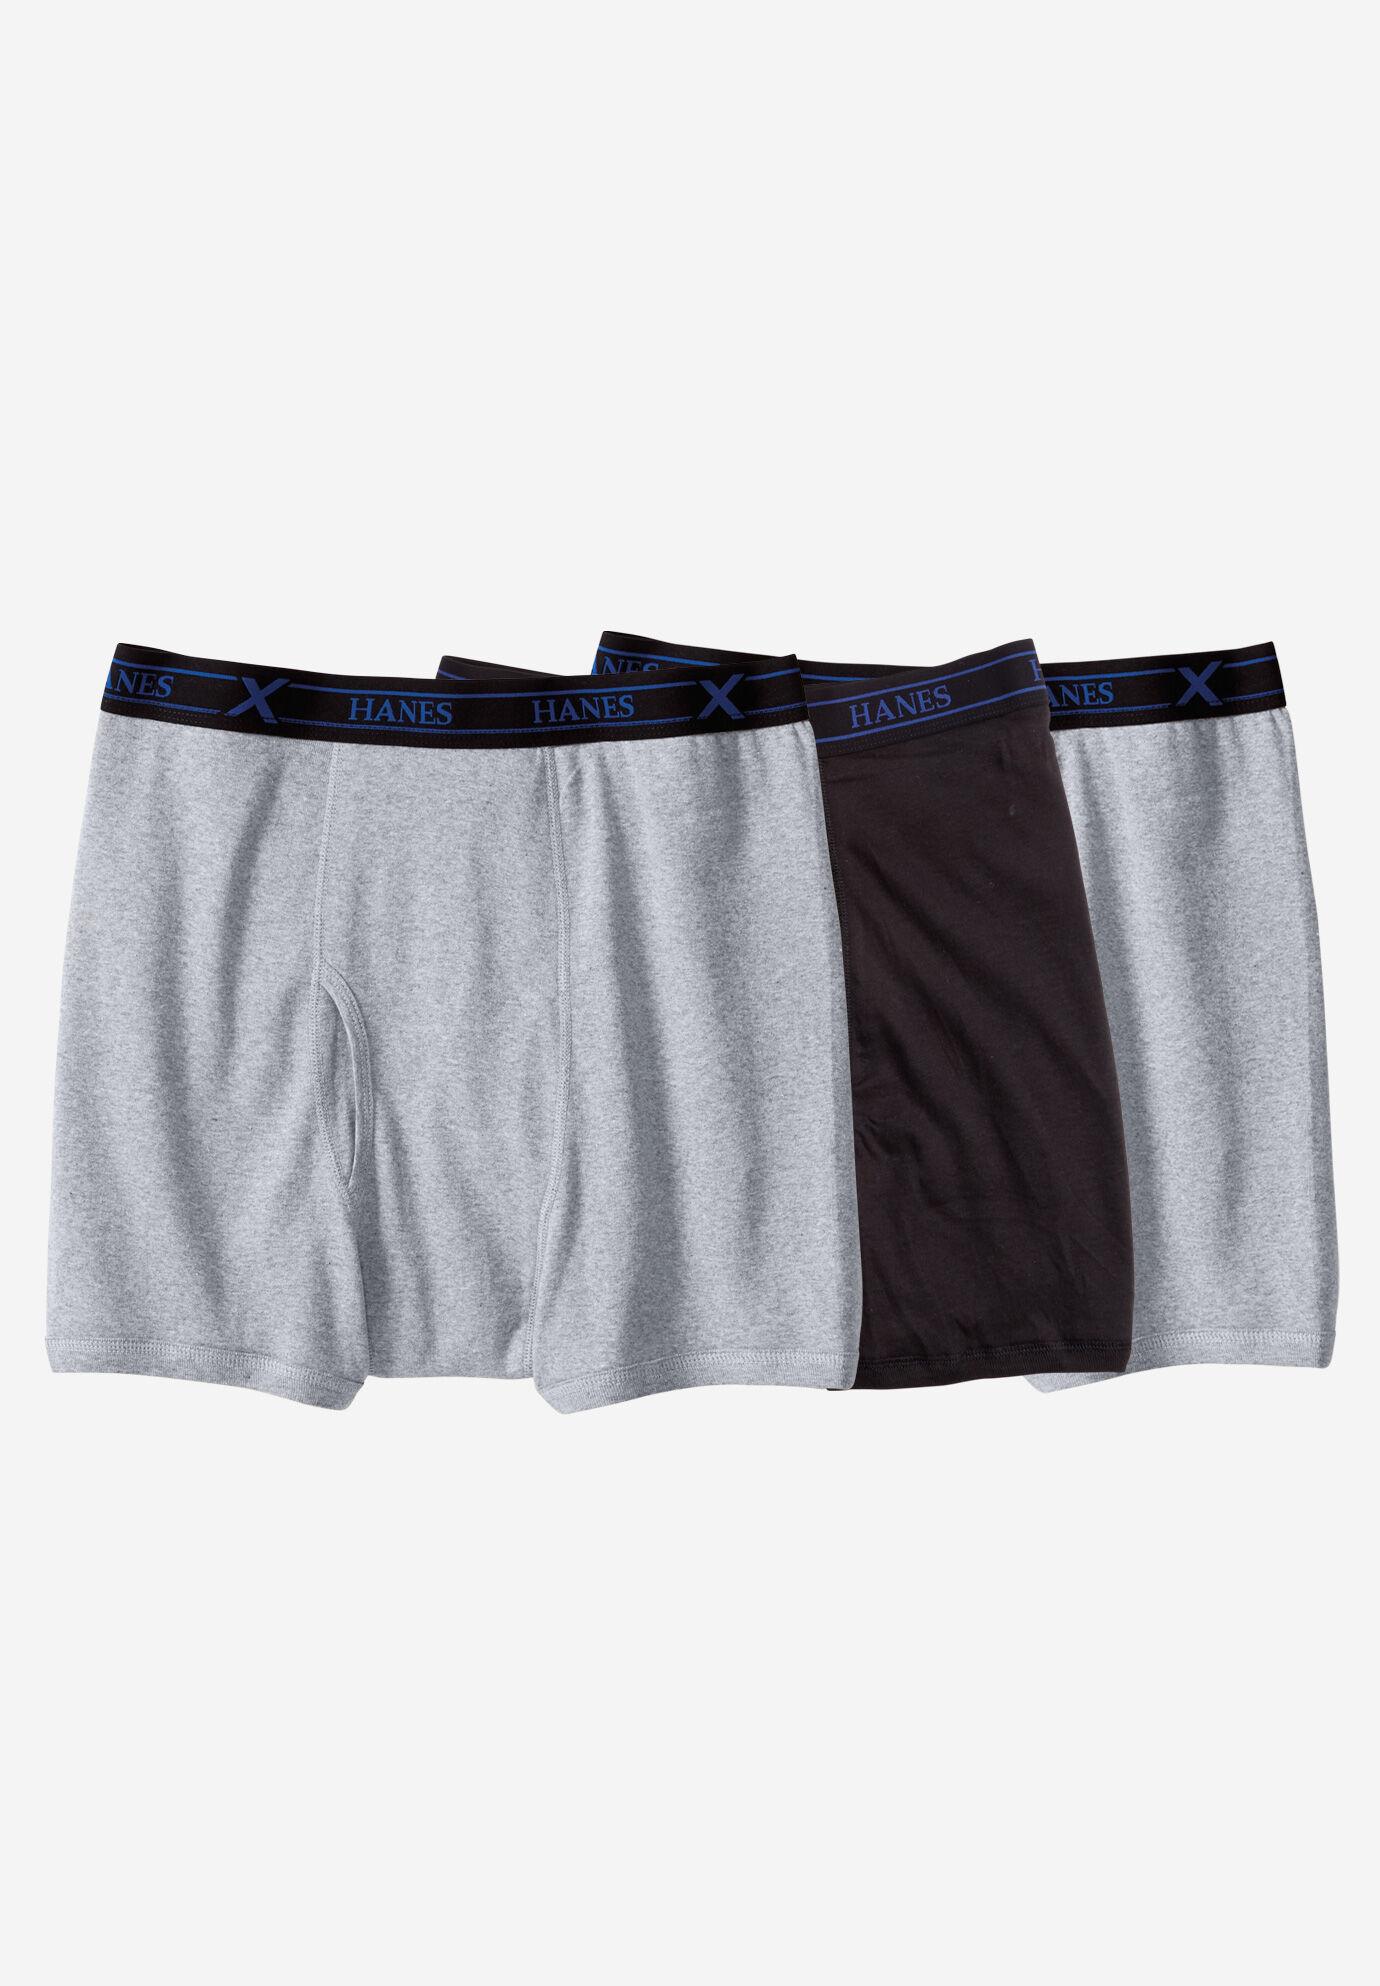 Hanes Big Mens Underwear Cotton Briefs 3-Pack